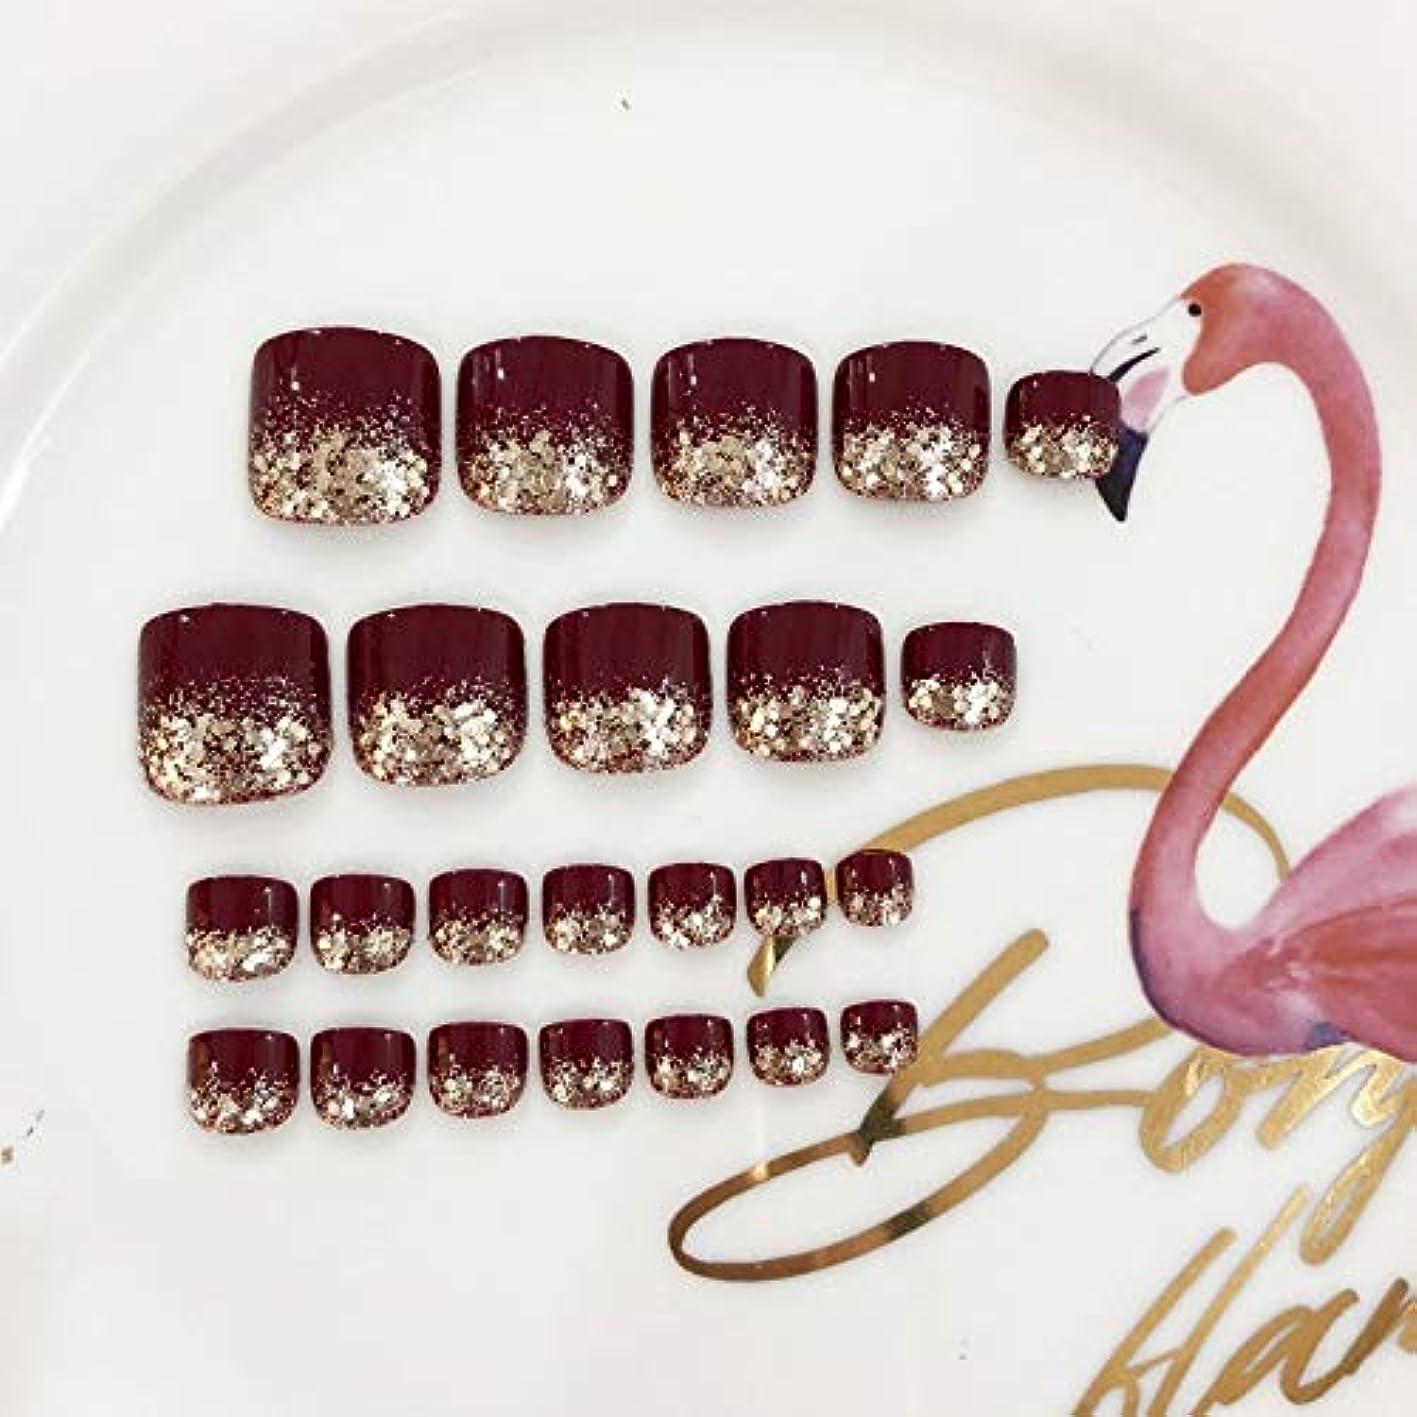 XUANHU HOME 偽爪キット24個入り赤と輝きのスパンコールフレンチマニキュア偽爪と接着剤フルカバーミディアムの長さ